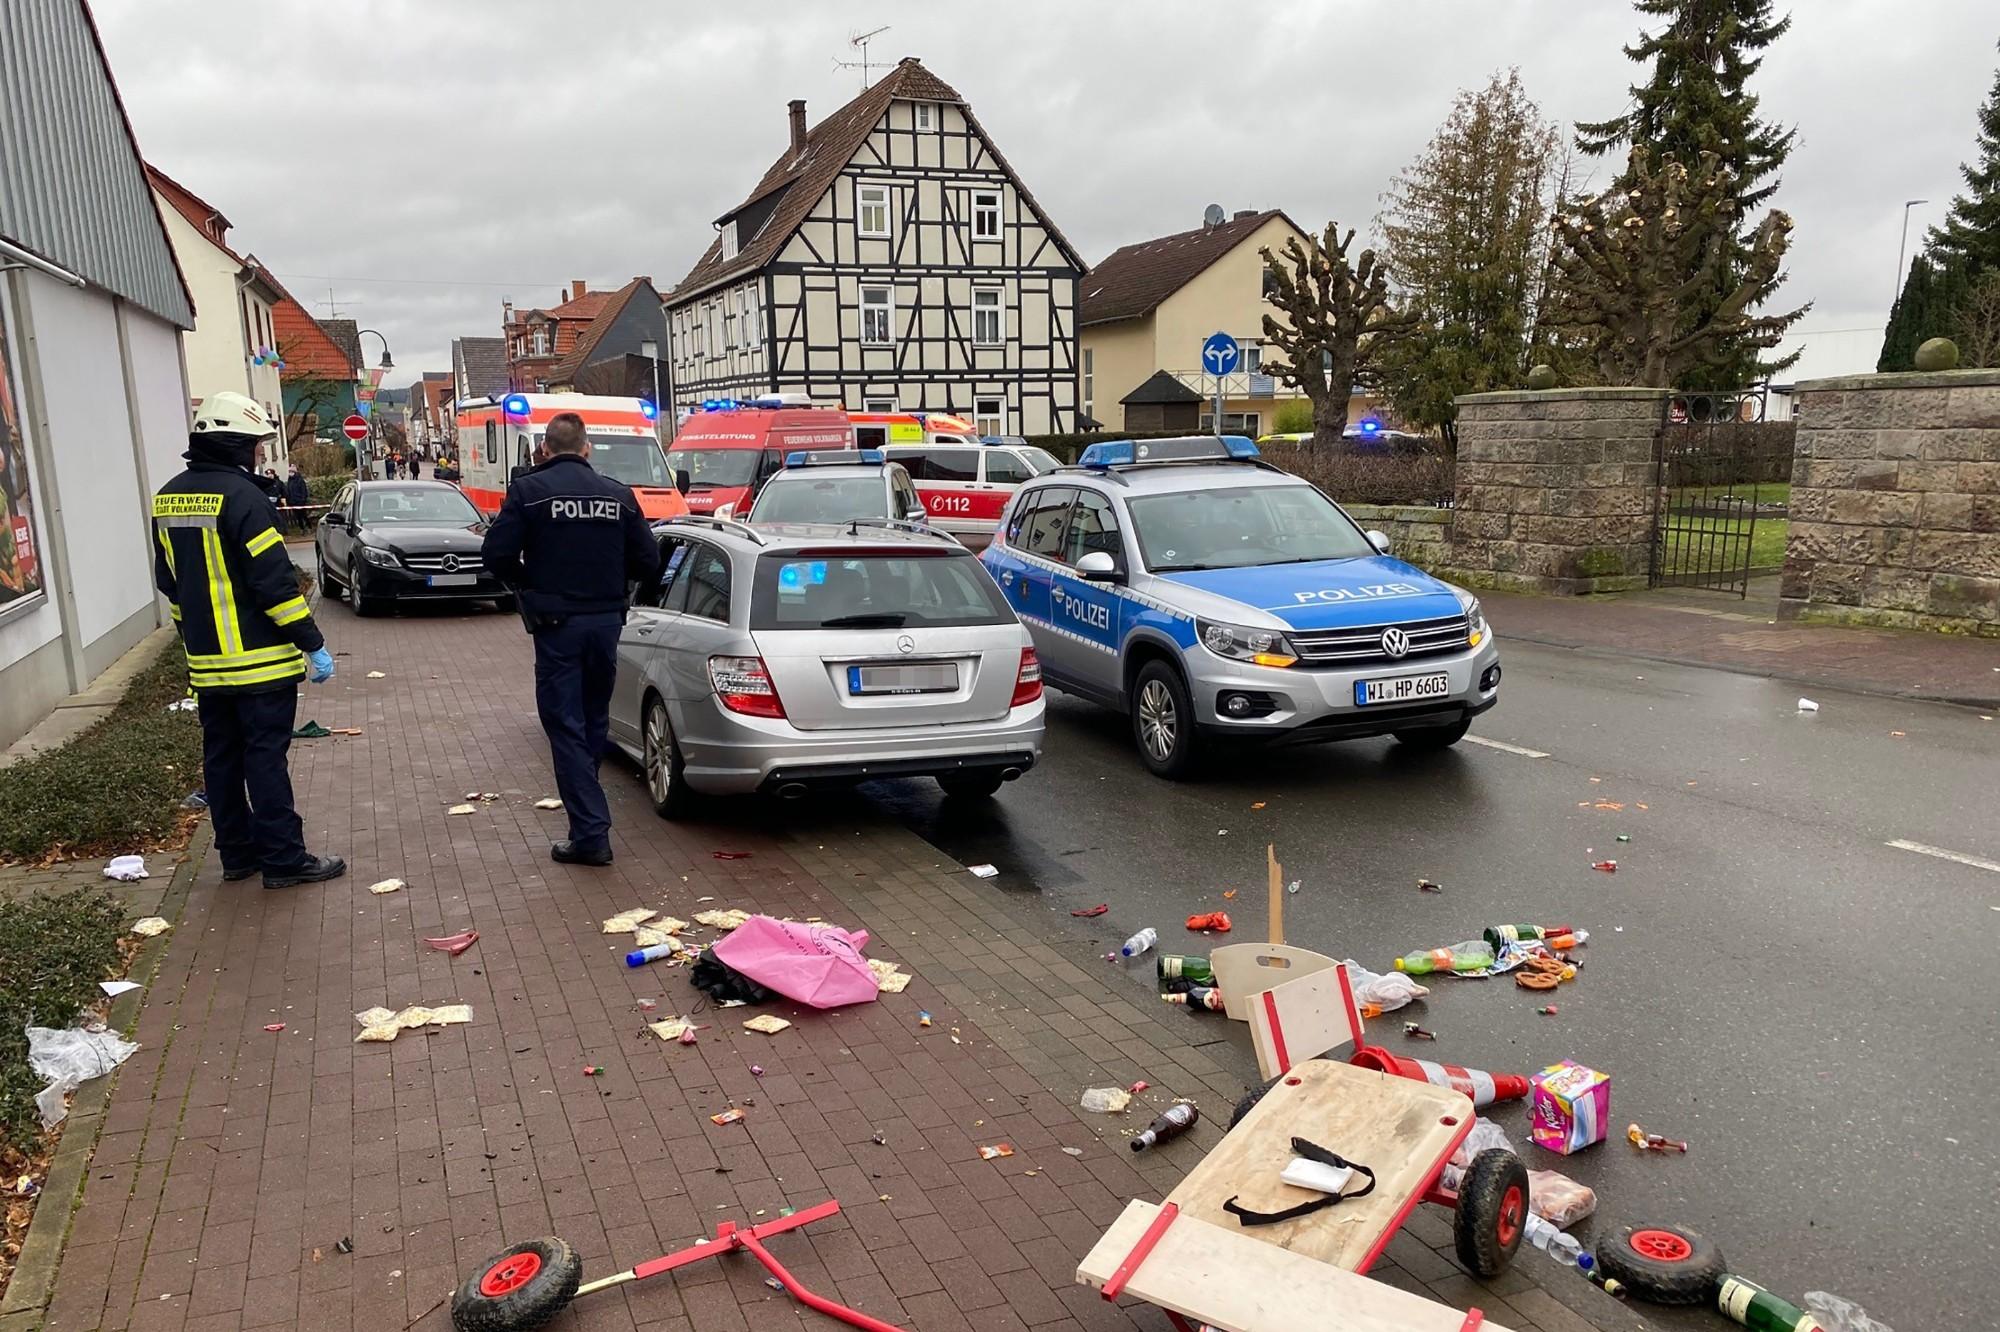 Allemagne: deux personnes tuées par une voiture dans une zone piétonne